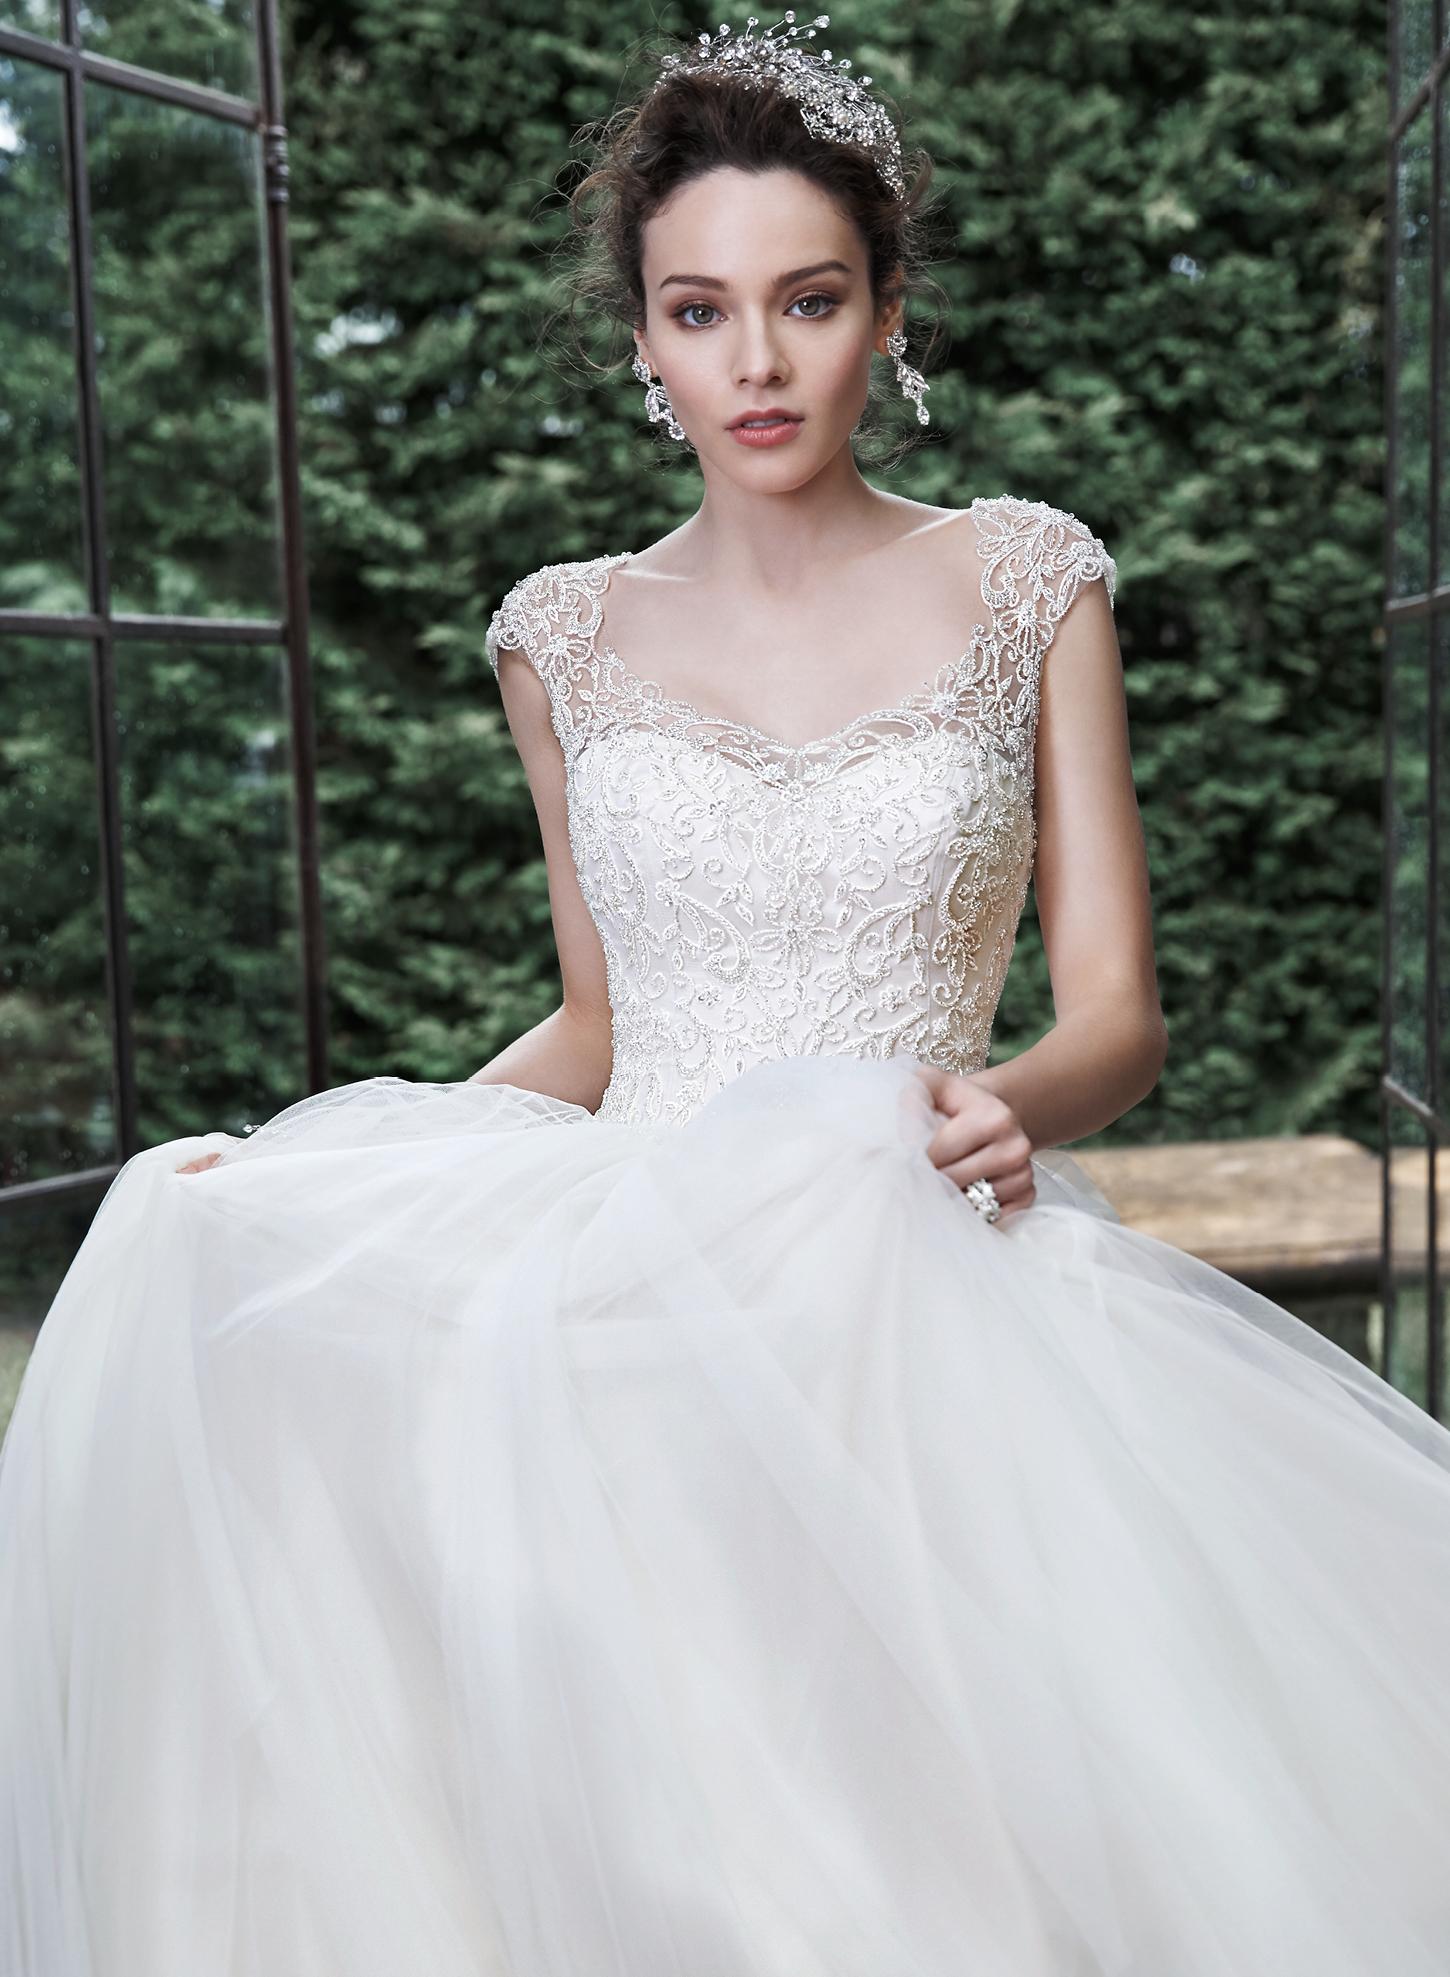 Tendencias de Vestidos de Noiva Estilo Princesa 2016